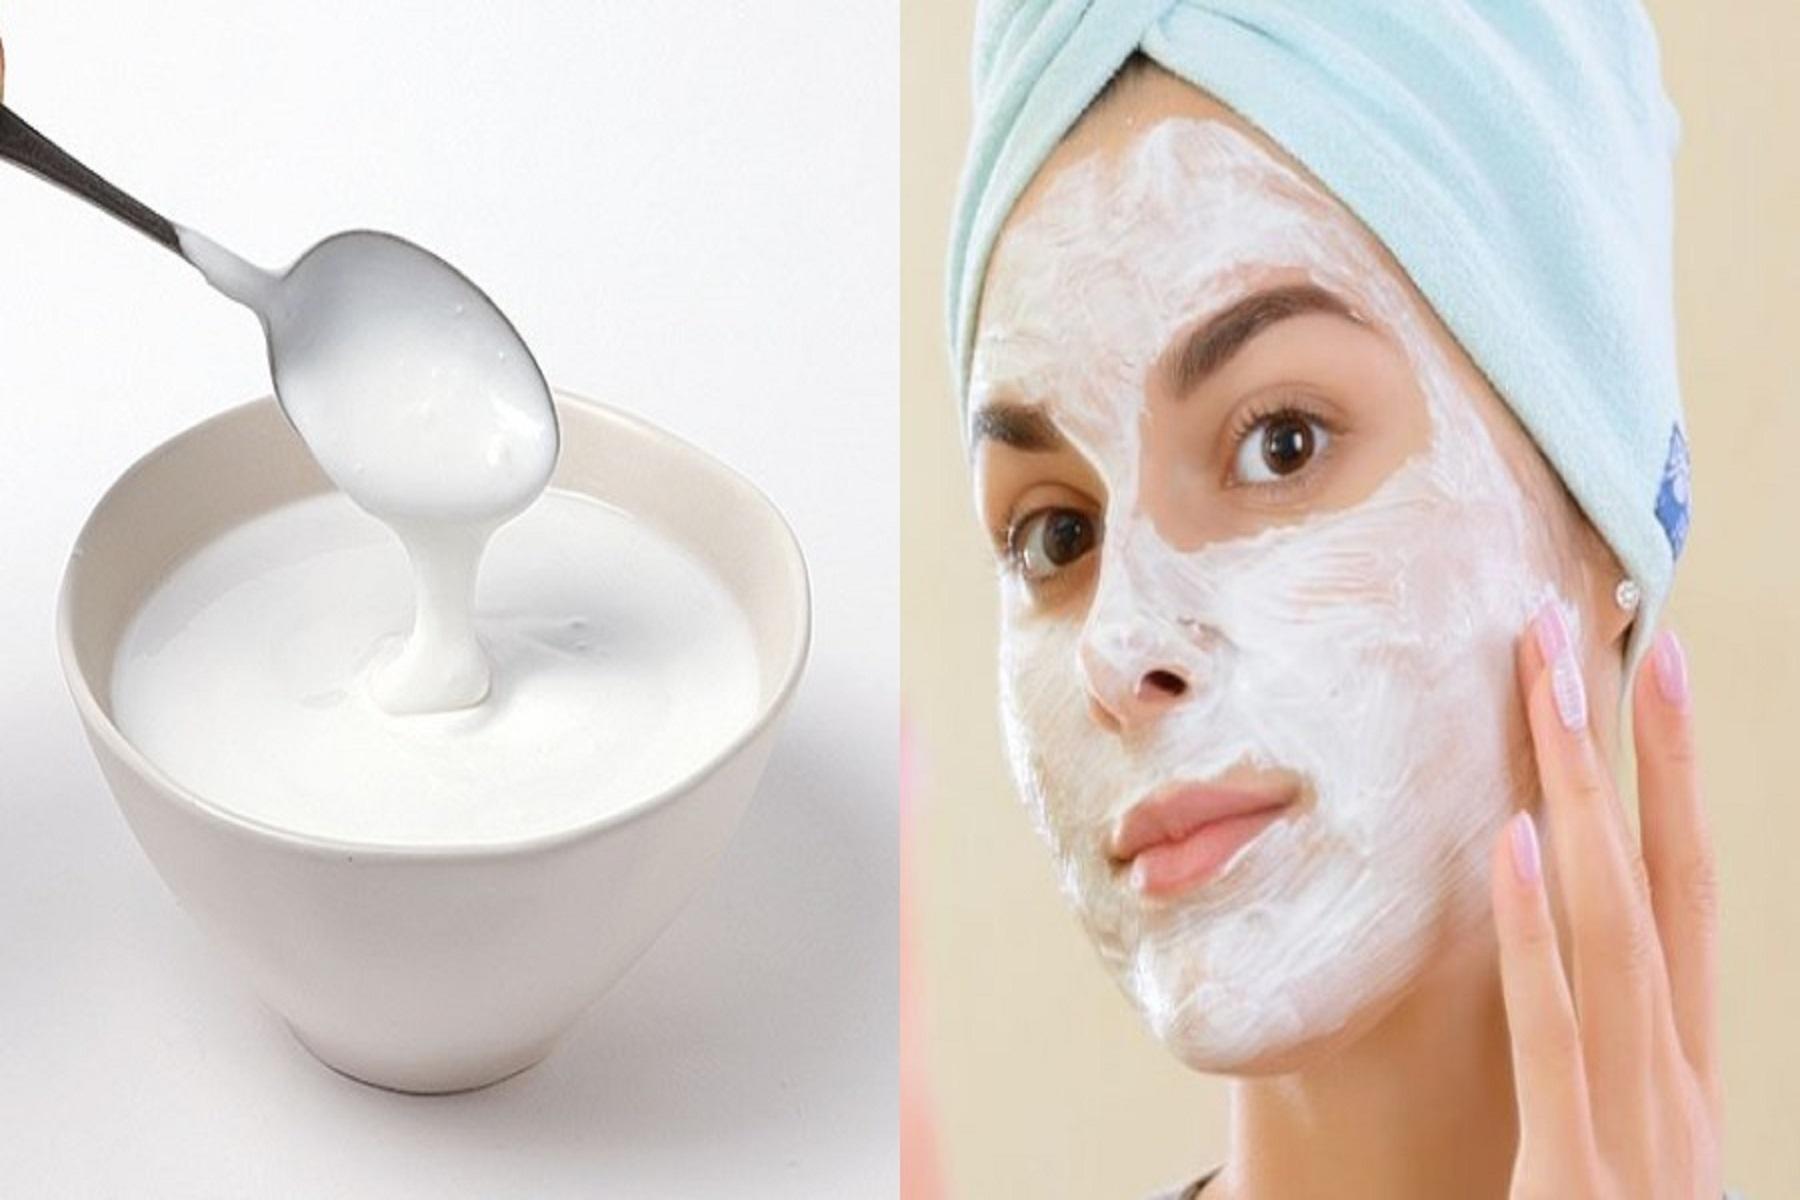 Ακμή Πρόσωπο: Μάσκες ομορφιάς με φυσικά προϊόντα